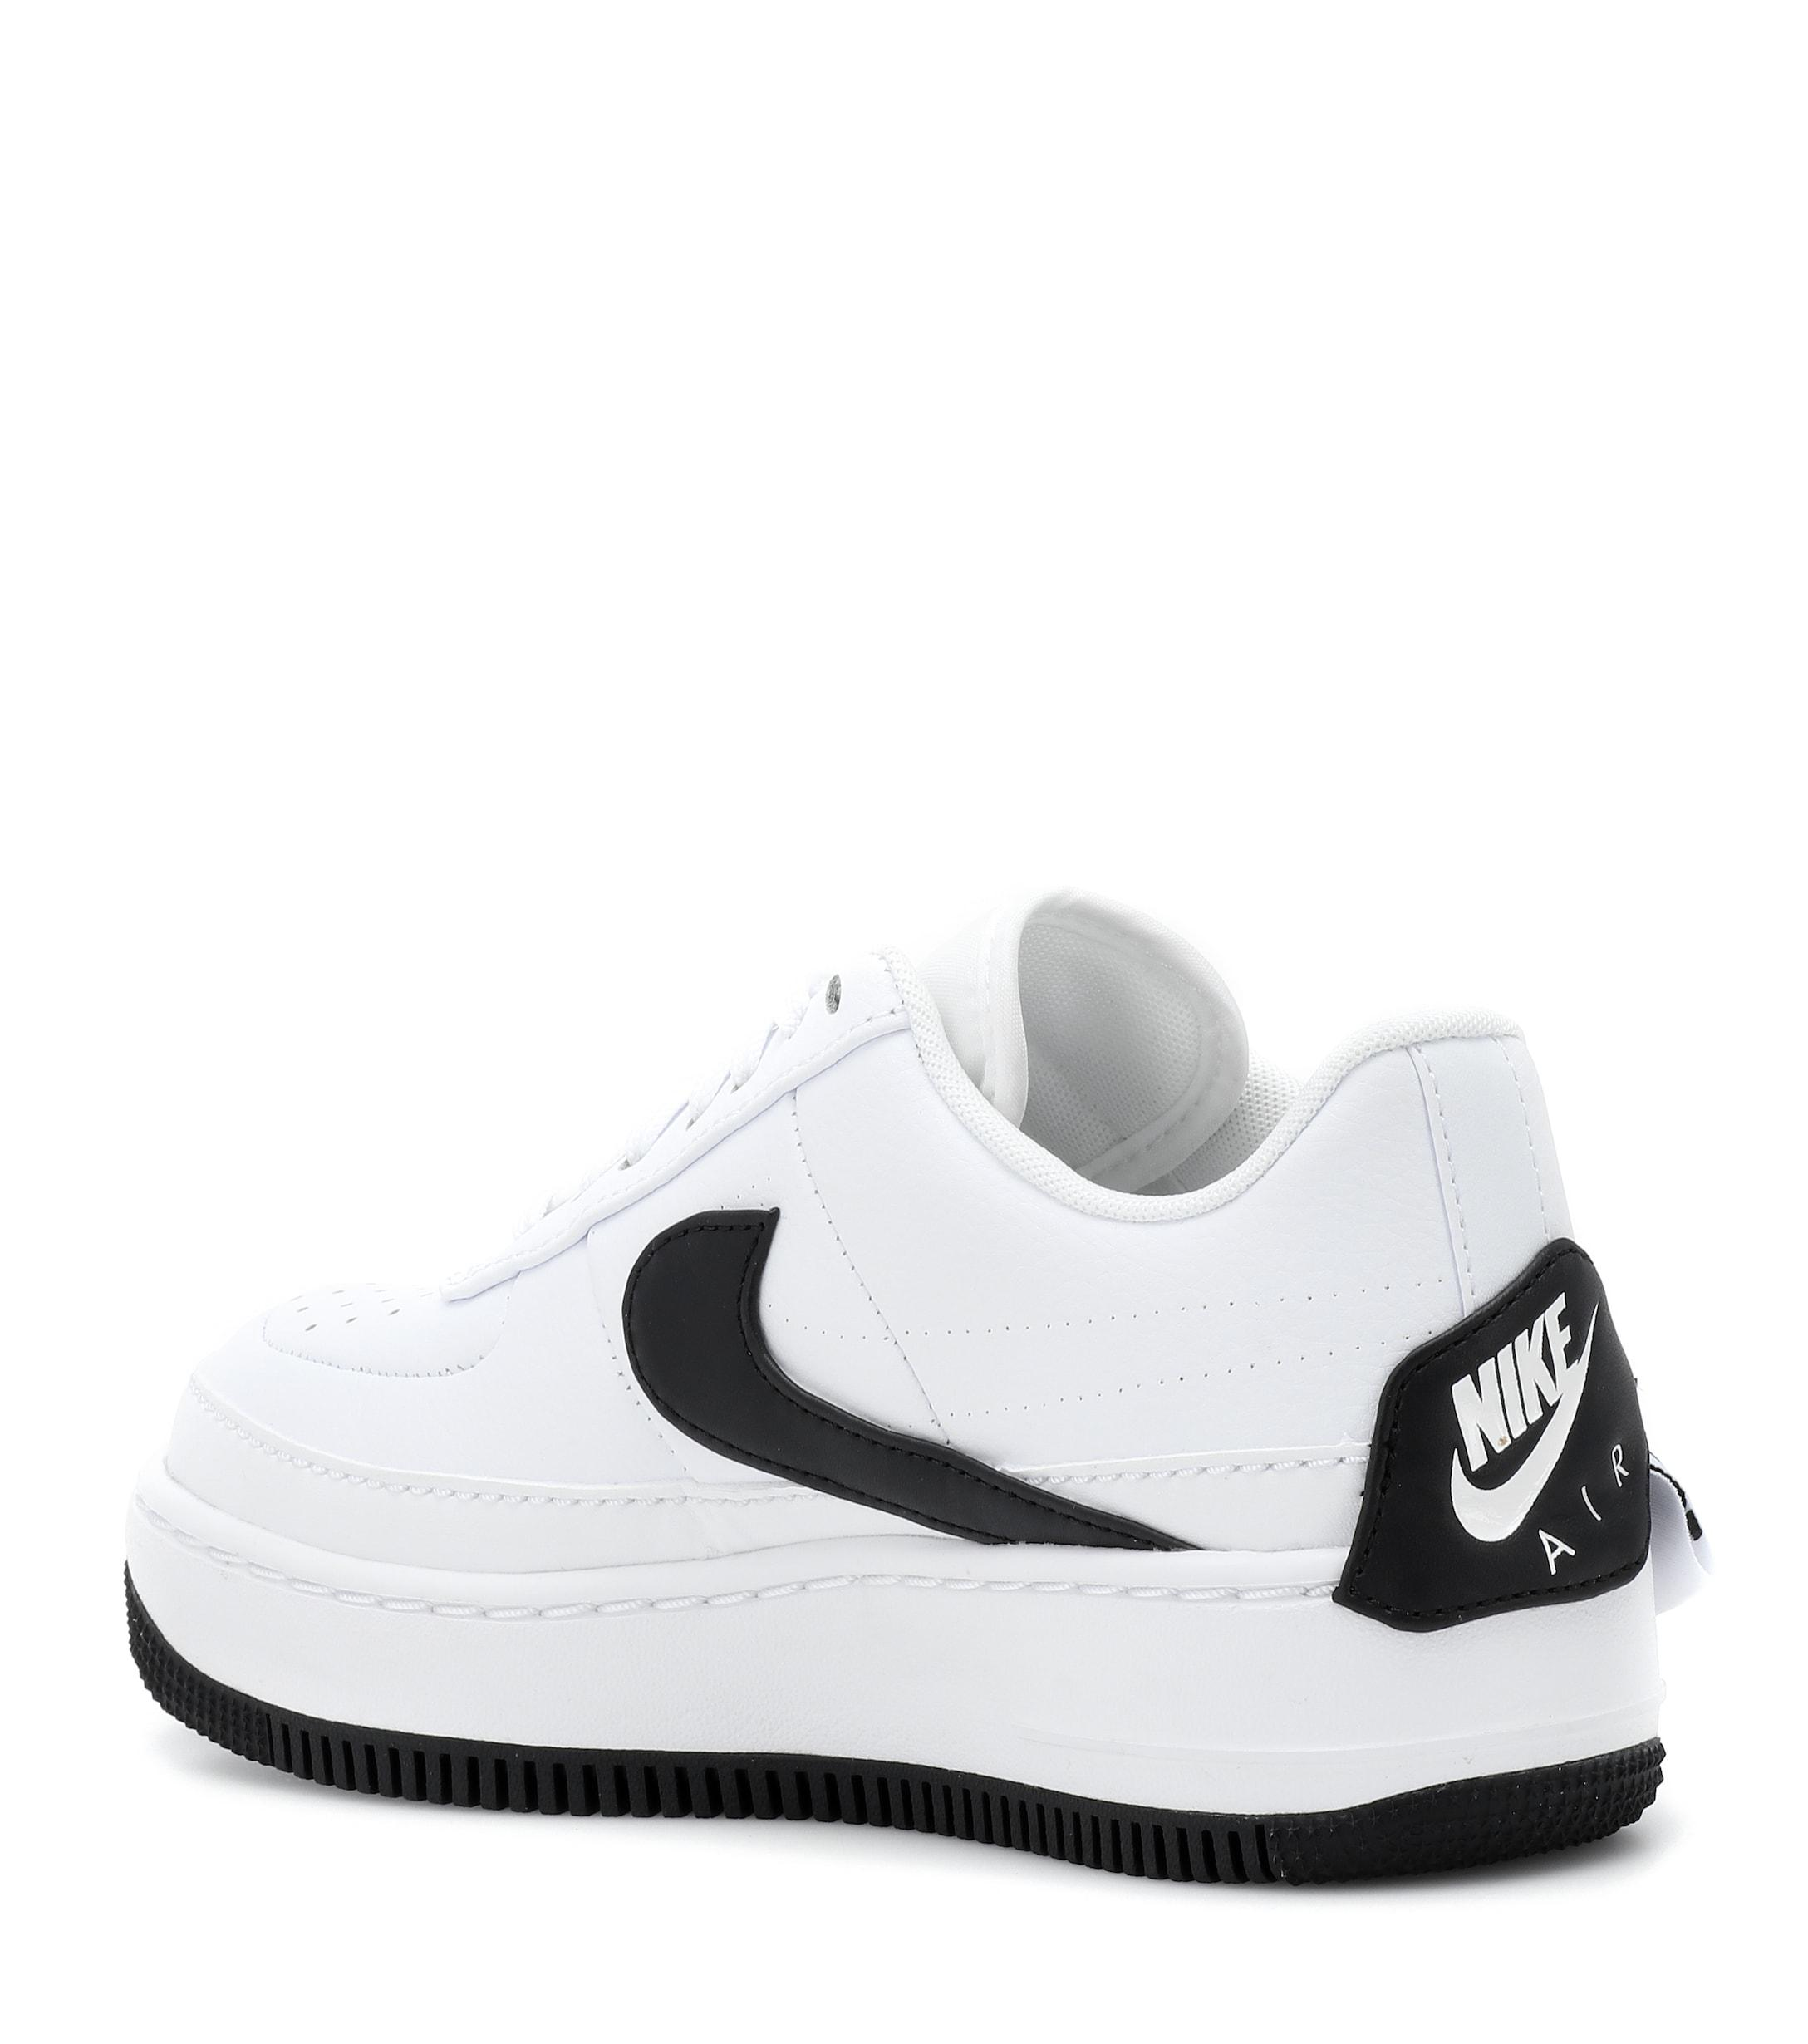 quality design 58795 14d1d Lyst - Zapatillas Air Force 1 Jester XX Nike de color Blanco